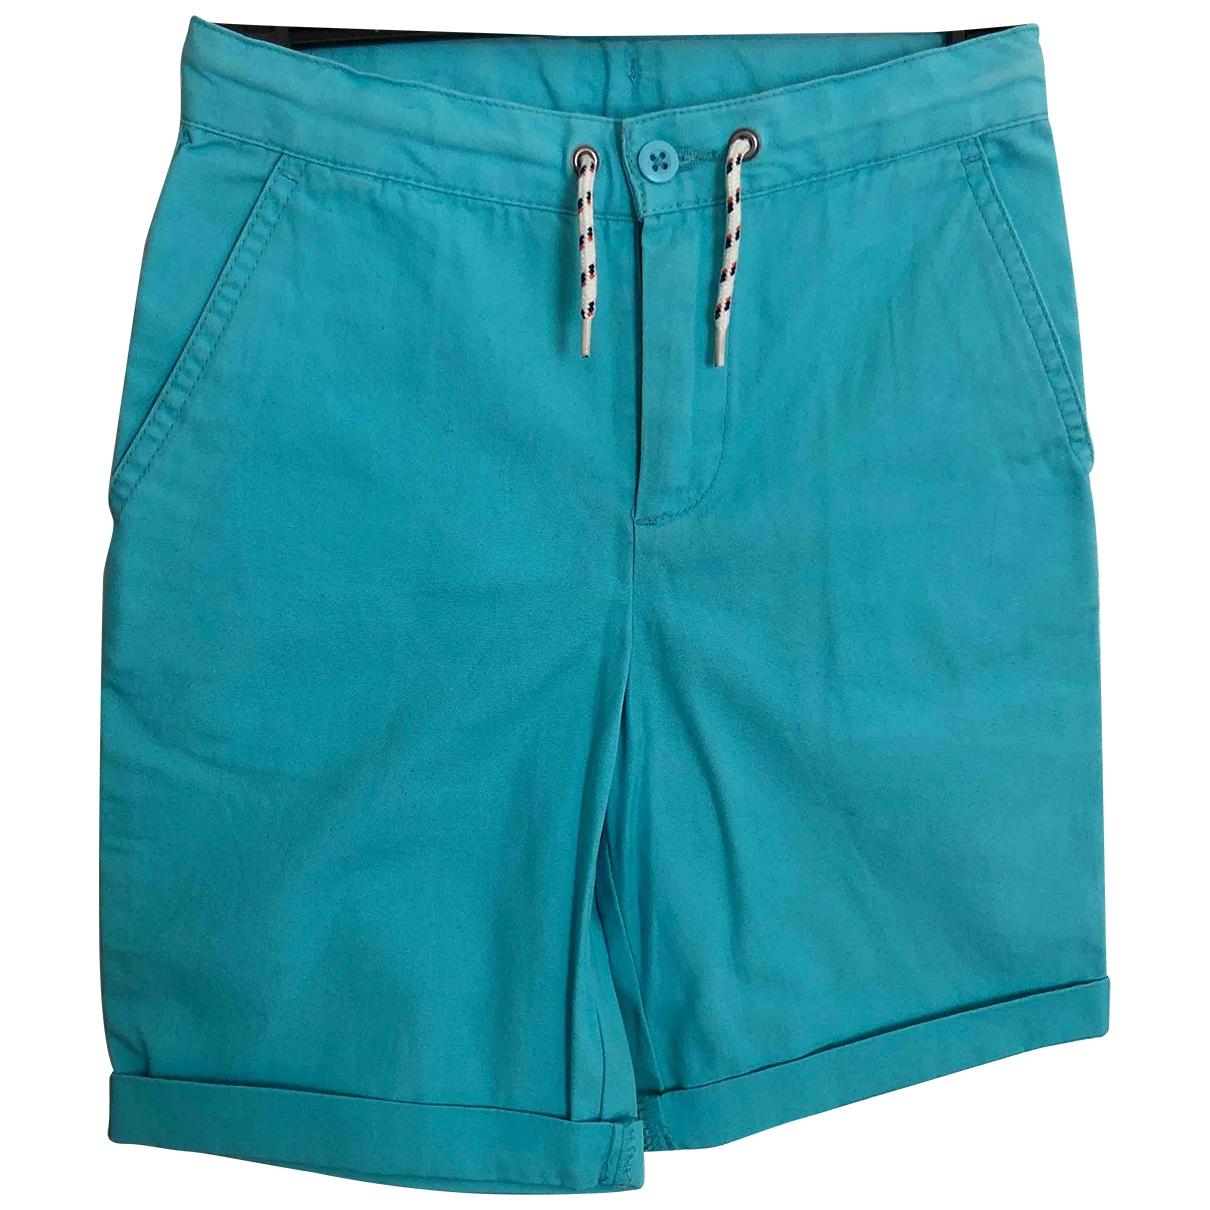 Polo Ralph Lauren \N Shorts in  Tuerkis Baumwolle